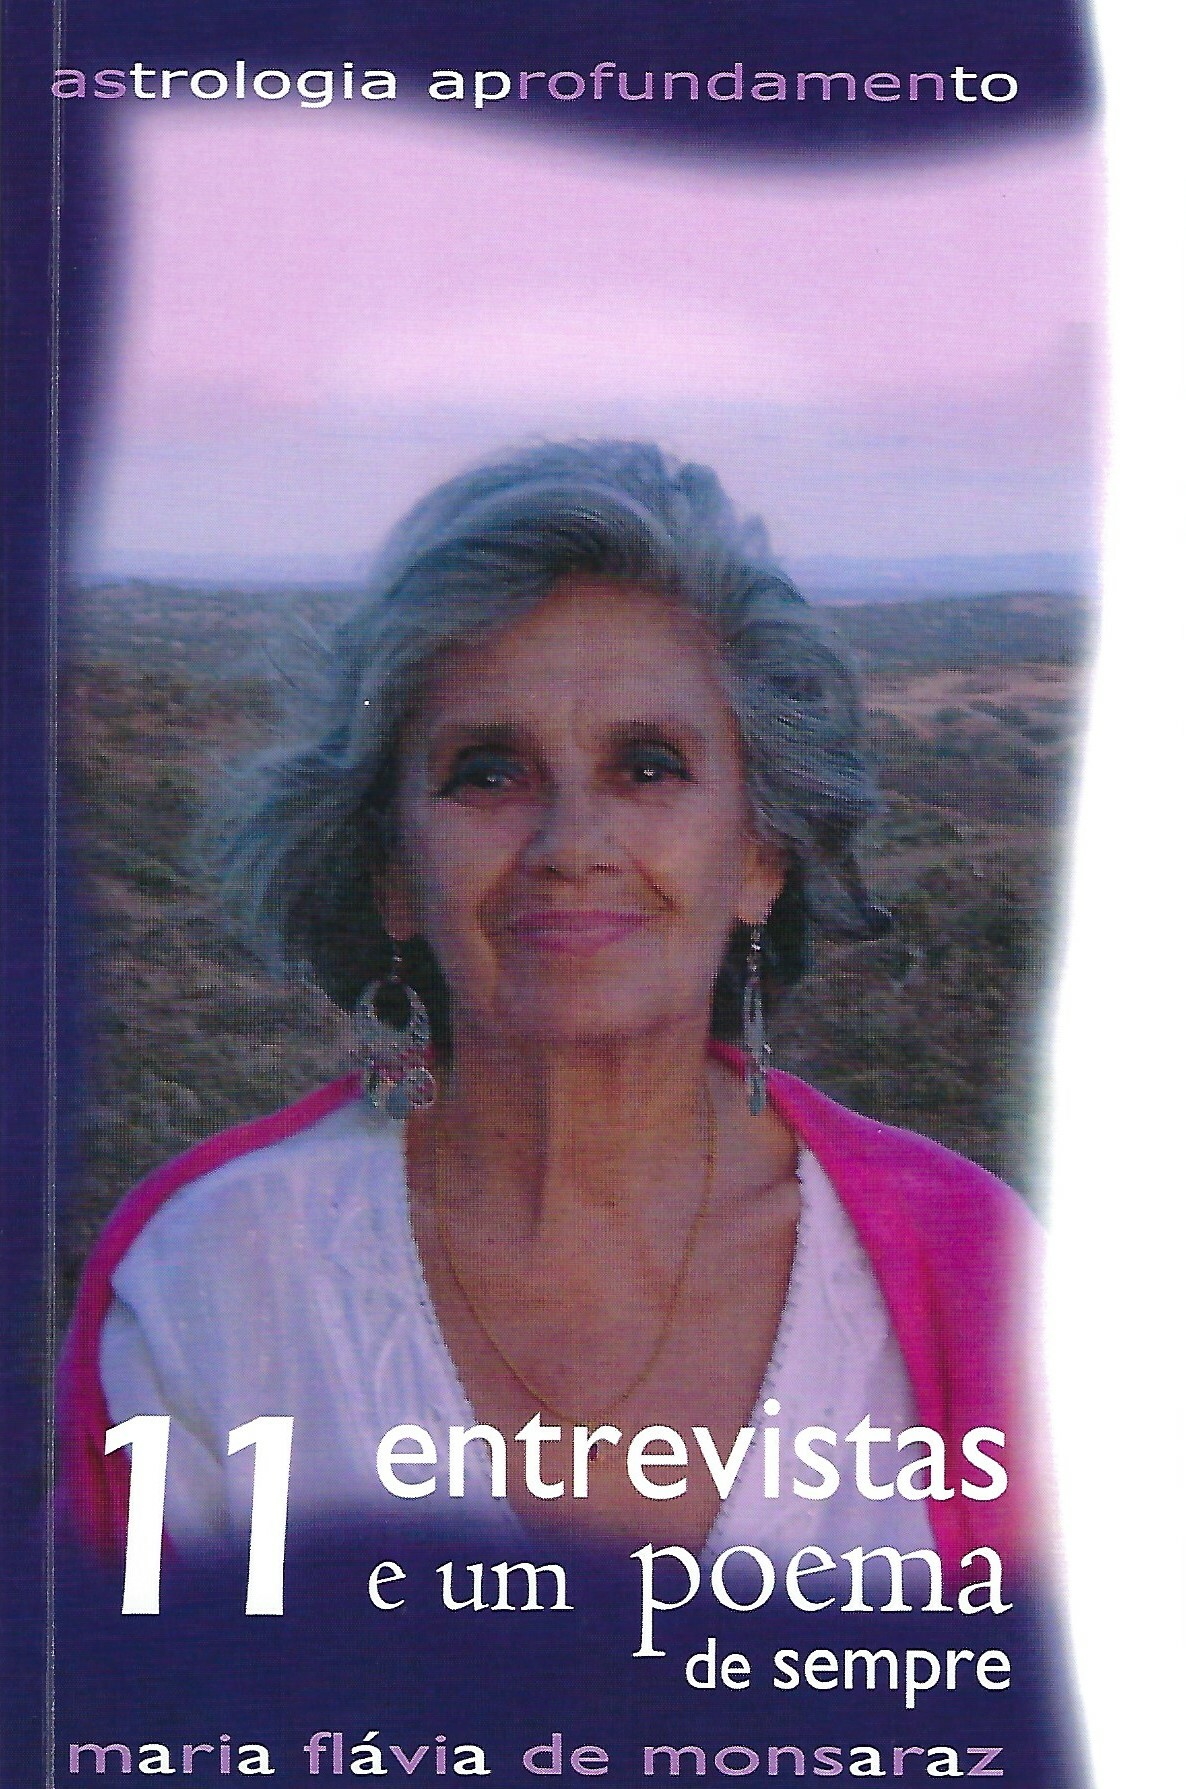 LIVRO - 11 Entrevistas e um Poema de Sempre